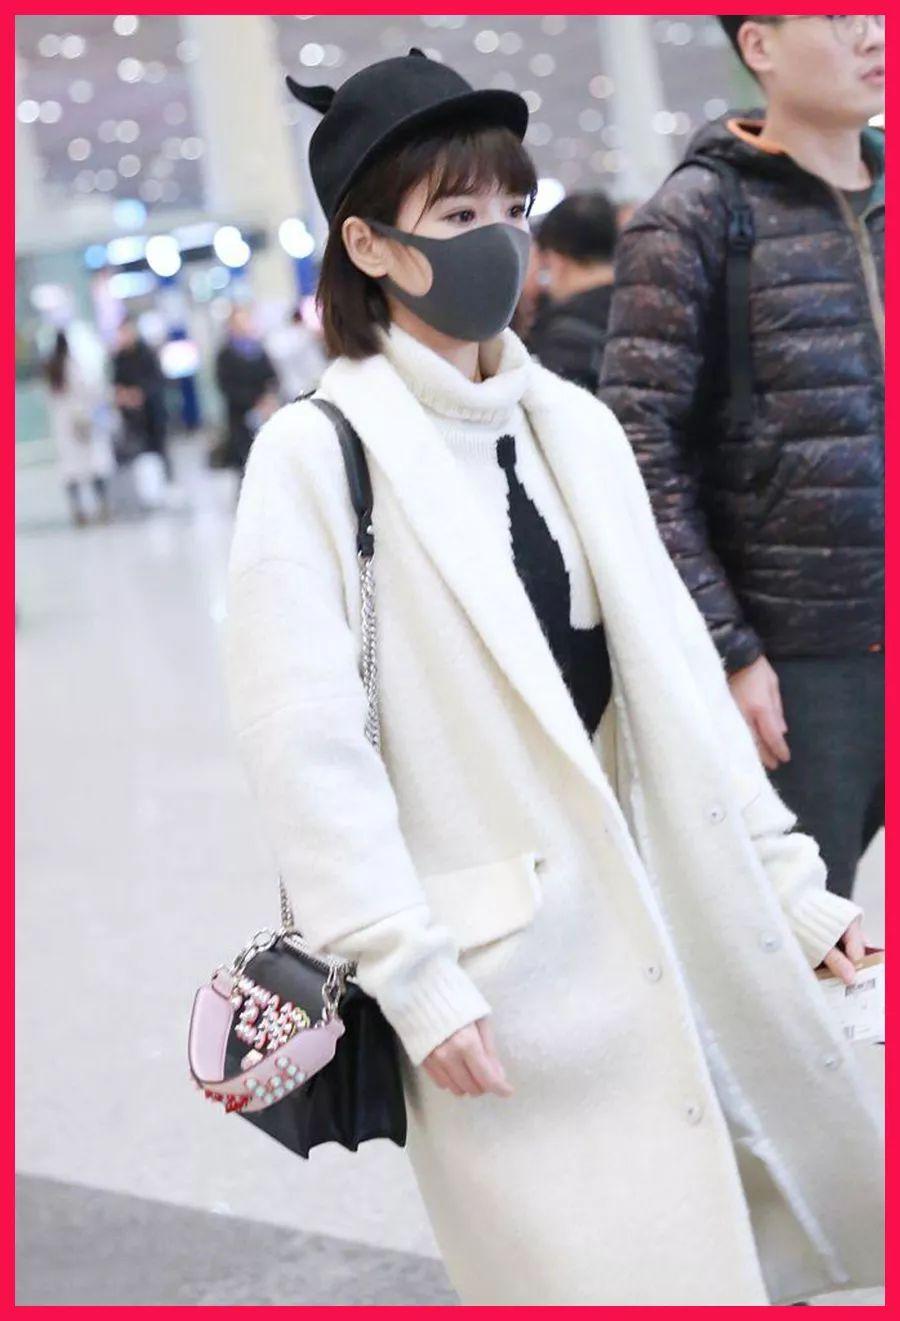 周冬雨美背抢镜,刘诗诗天鹅颈真是美炸了!